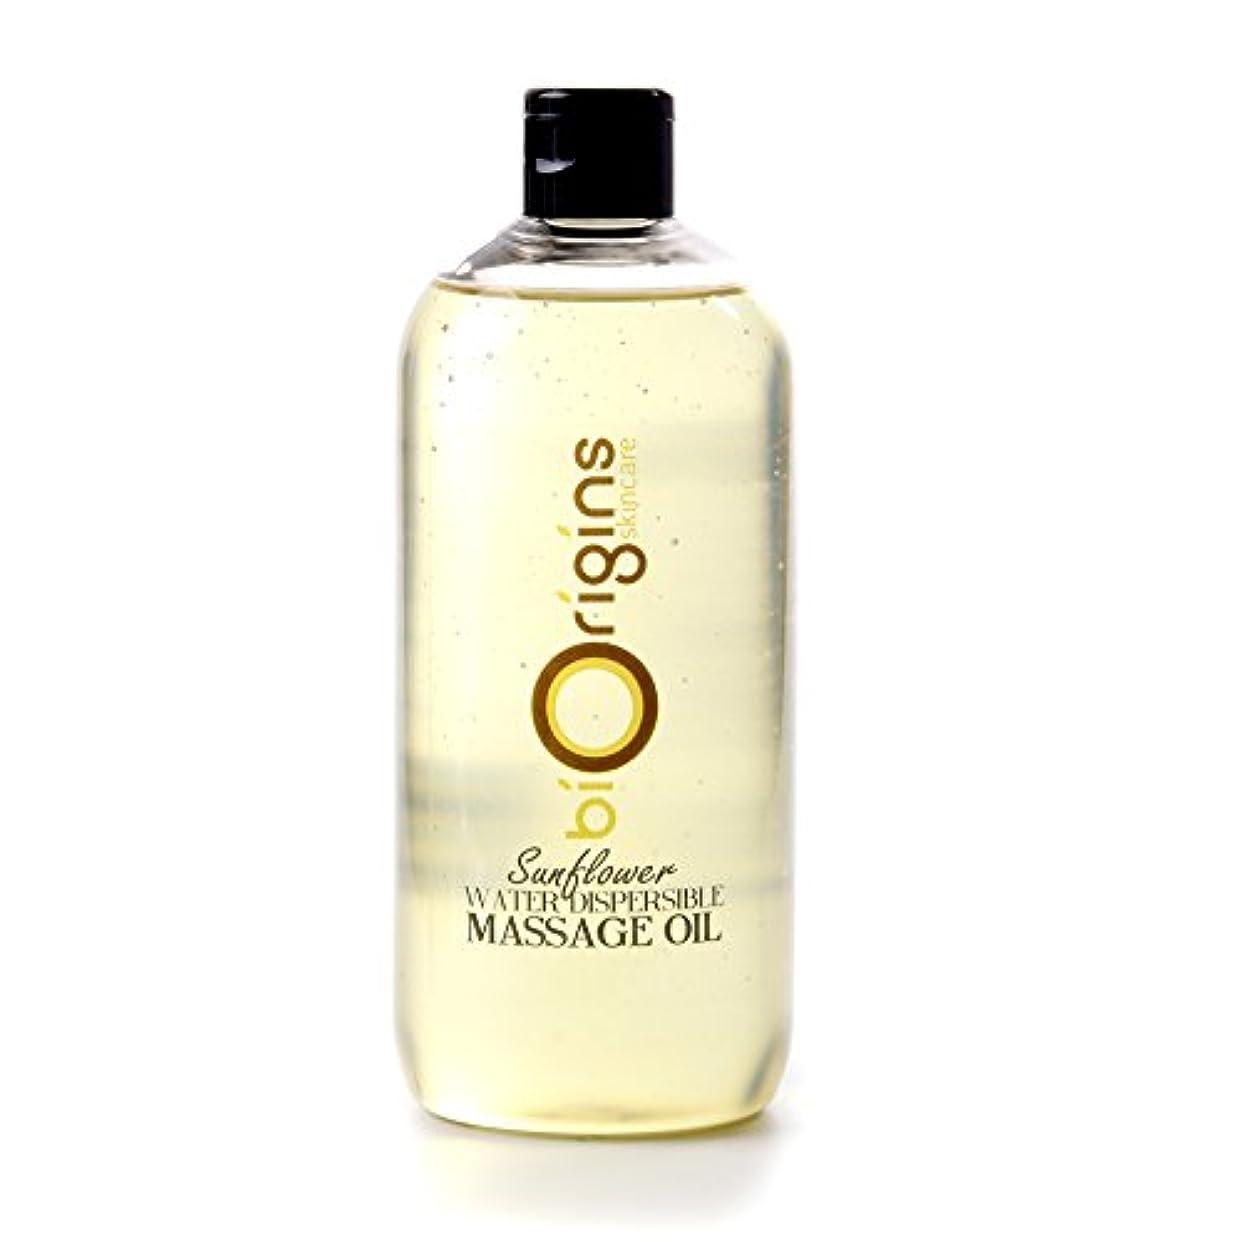 貫入生きている商品Sunflower Water Dispersible Massage Oil - 1 Litre - 100% Pure